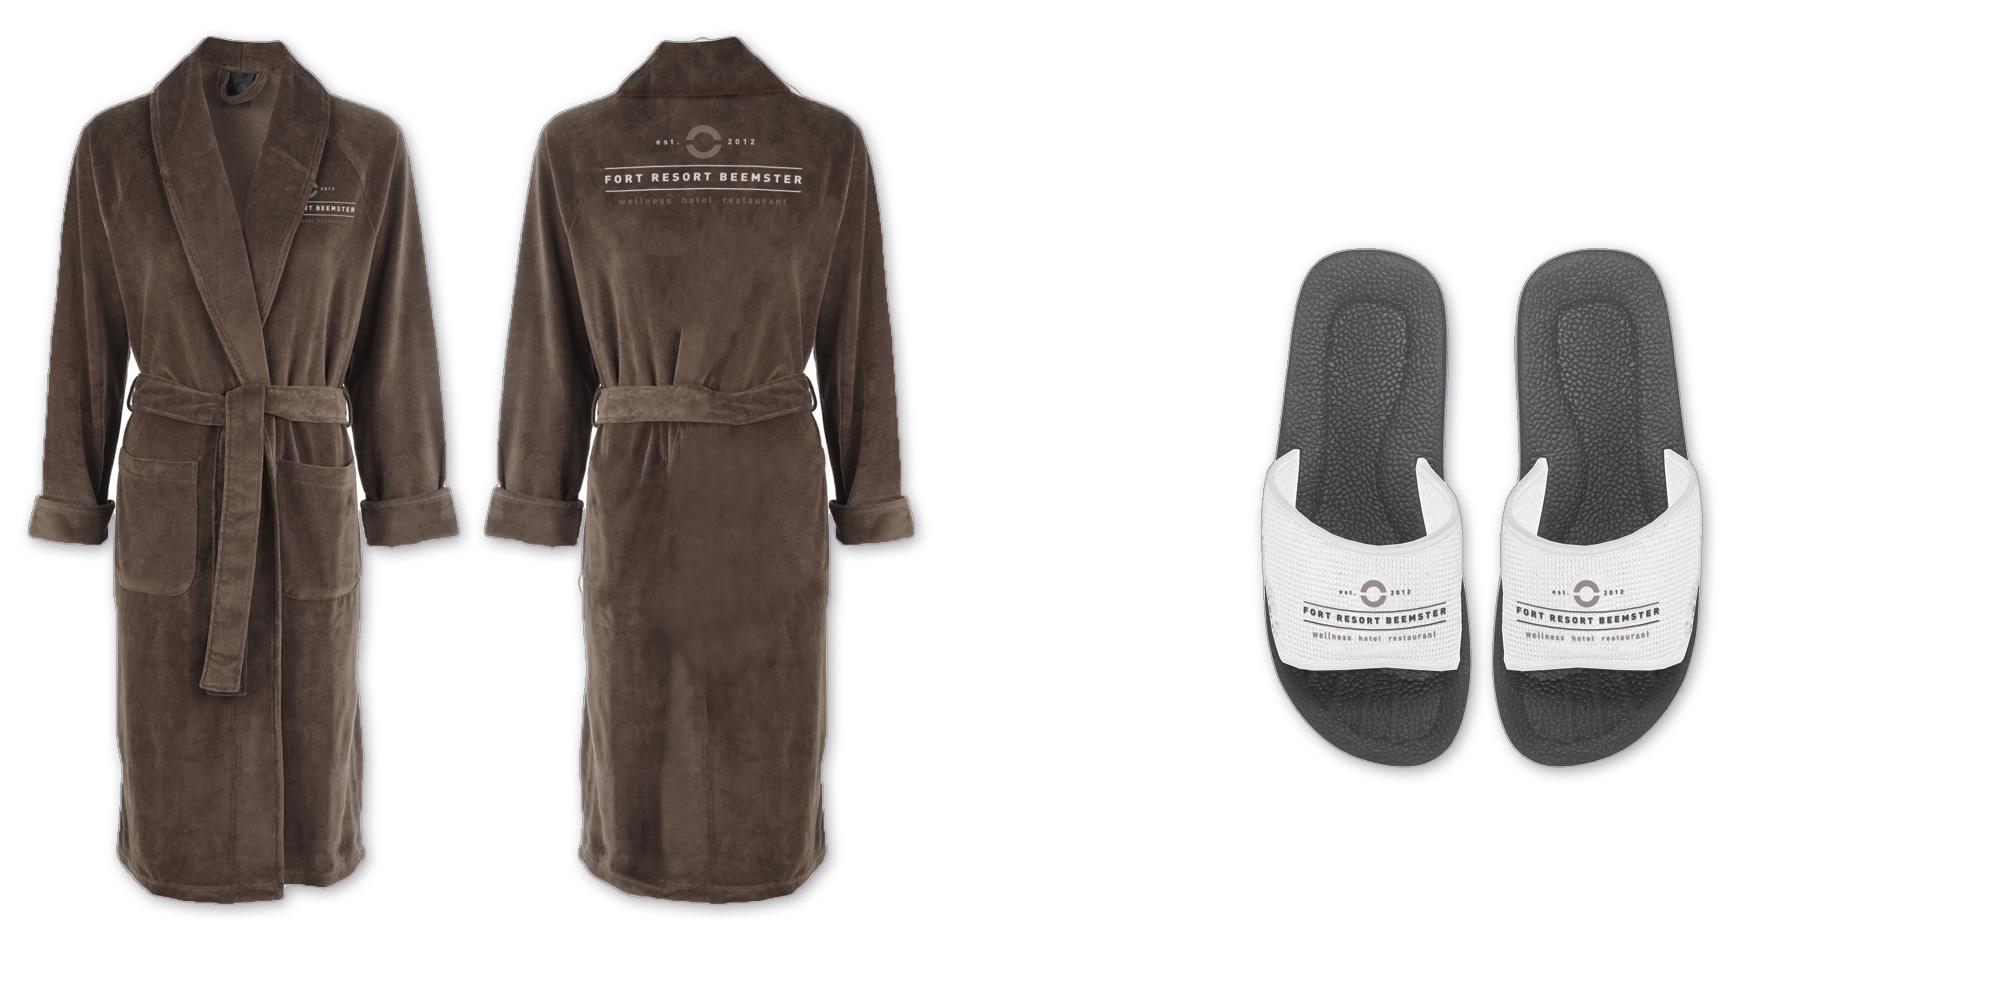 Fort Resort Beemster - Bathrobe and slipper design